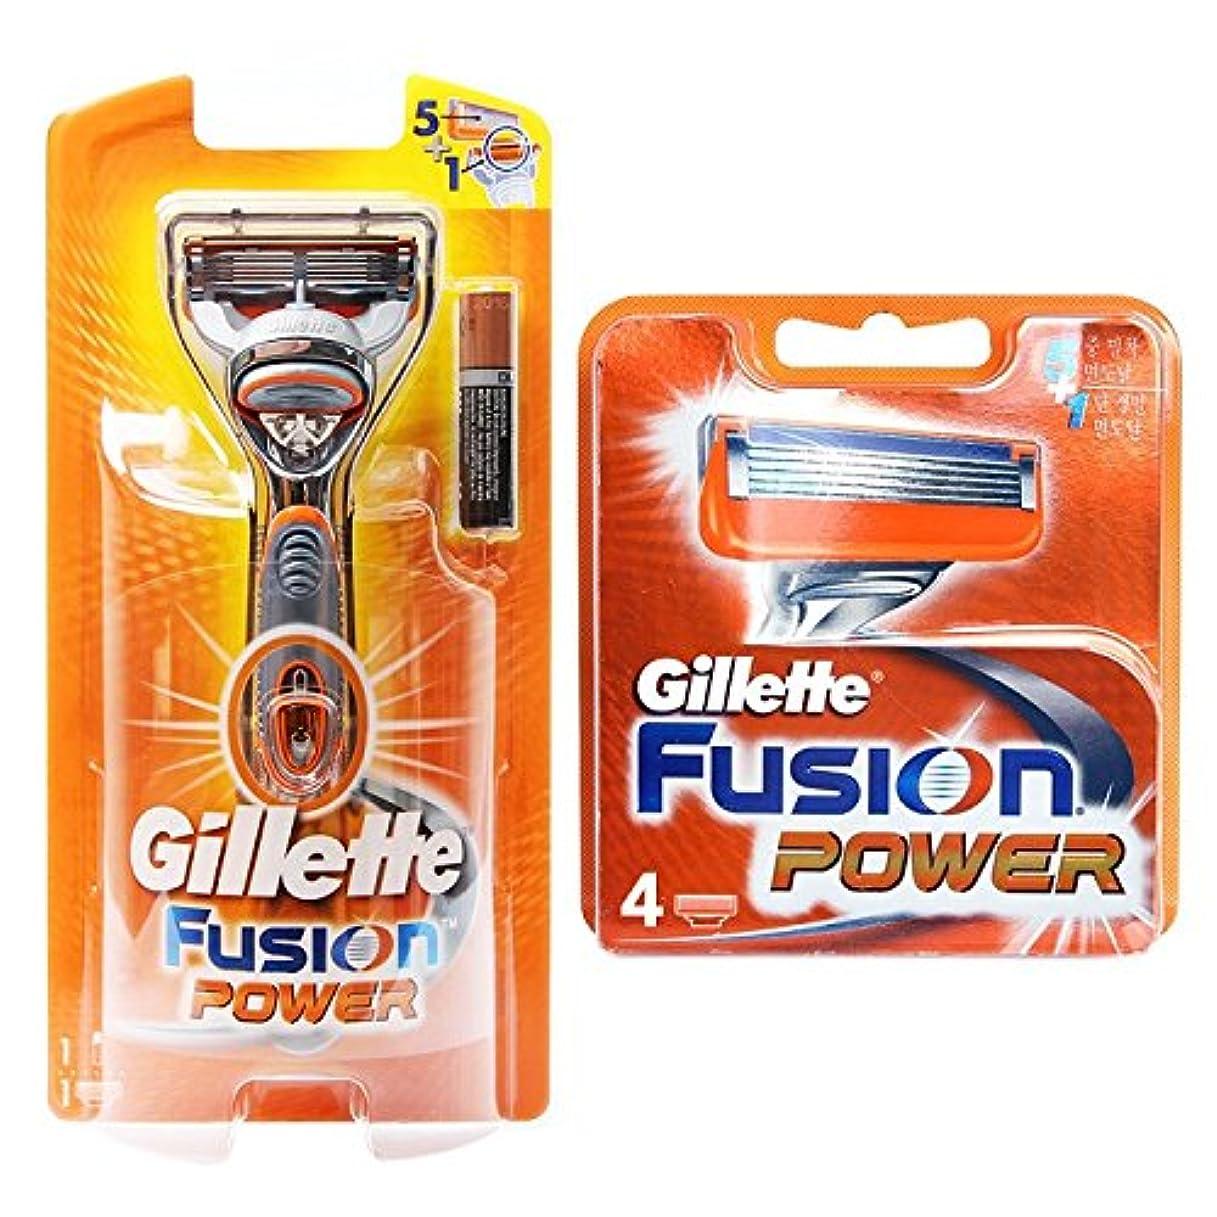 講師荒廃するリンクGillette Fusion Power 1レイザー+4カートリッジリフィルブレイド [並行輸入品]